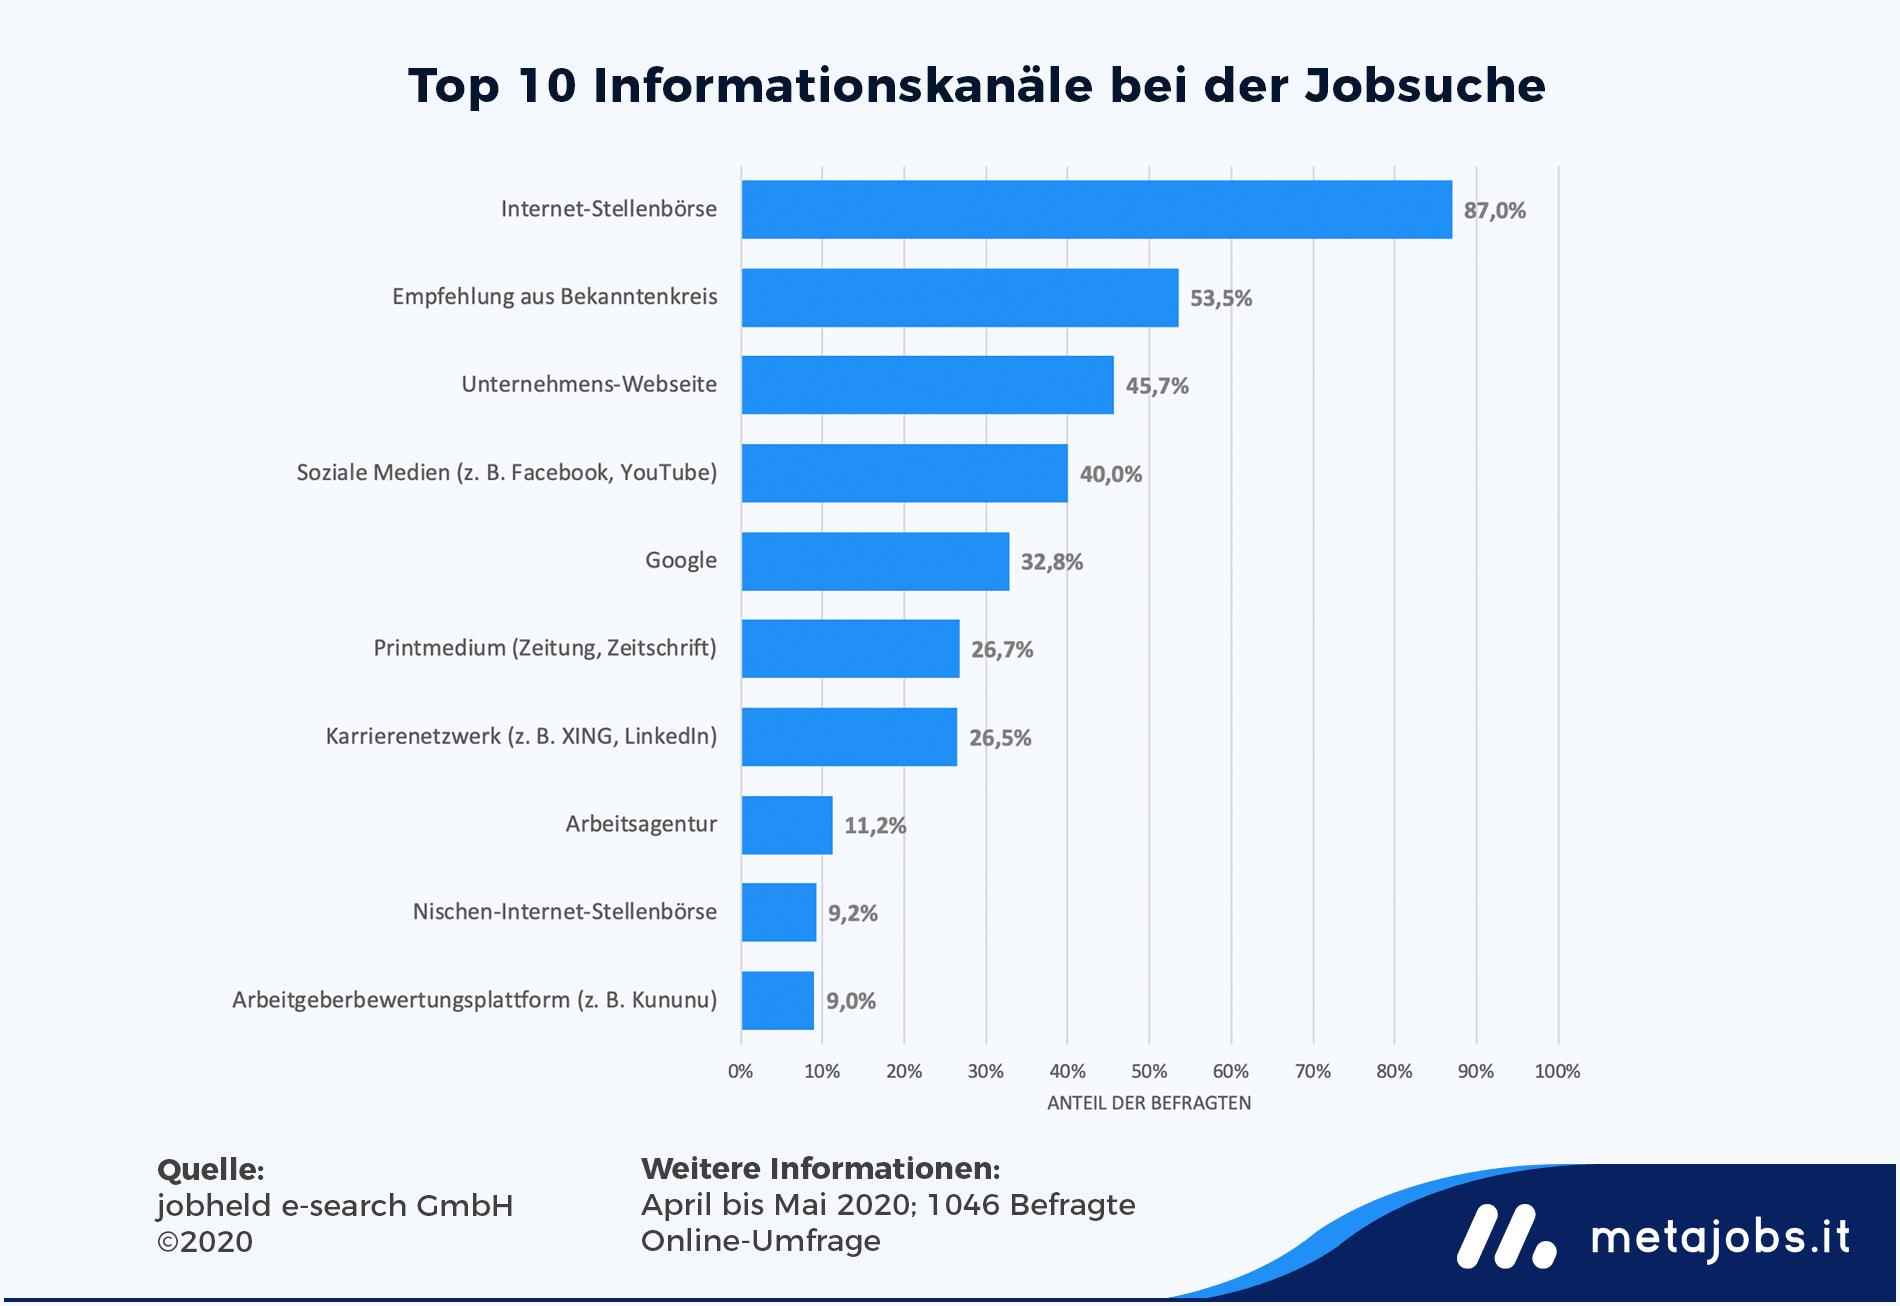 Infografik: Top 10 Informationskanäle bei der Jobsuche | metajobs.it